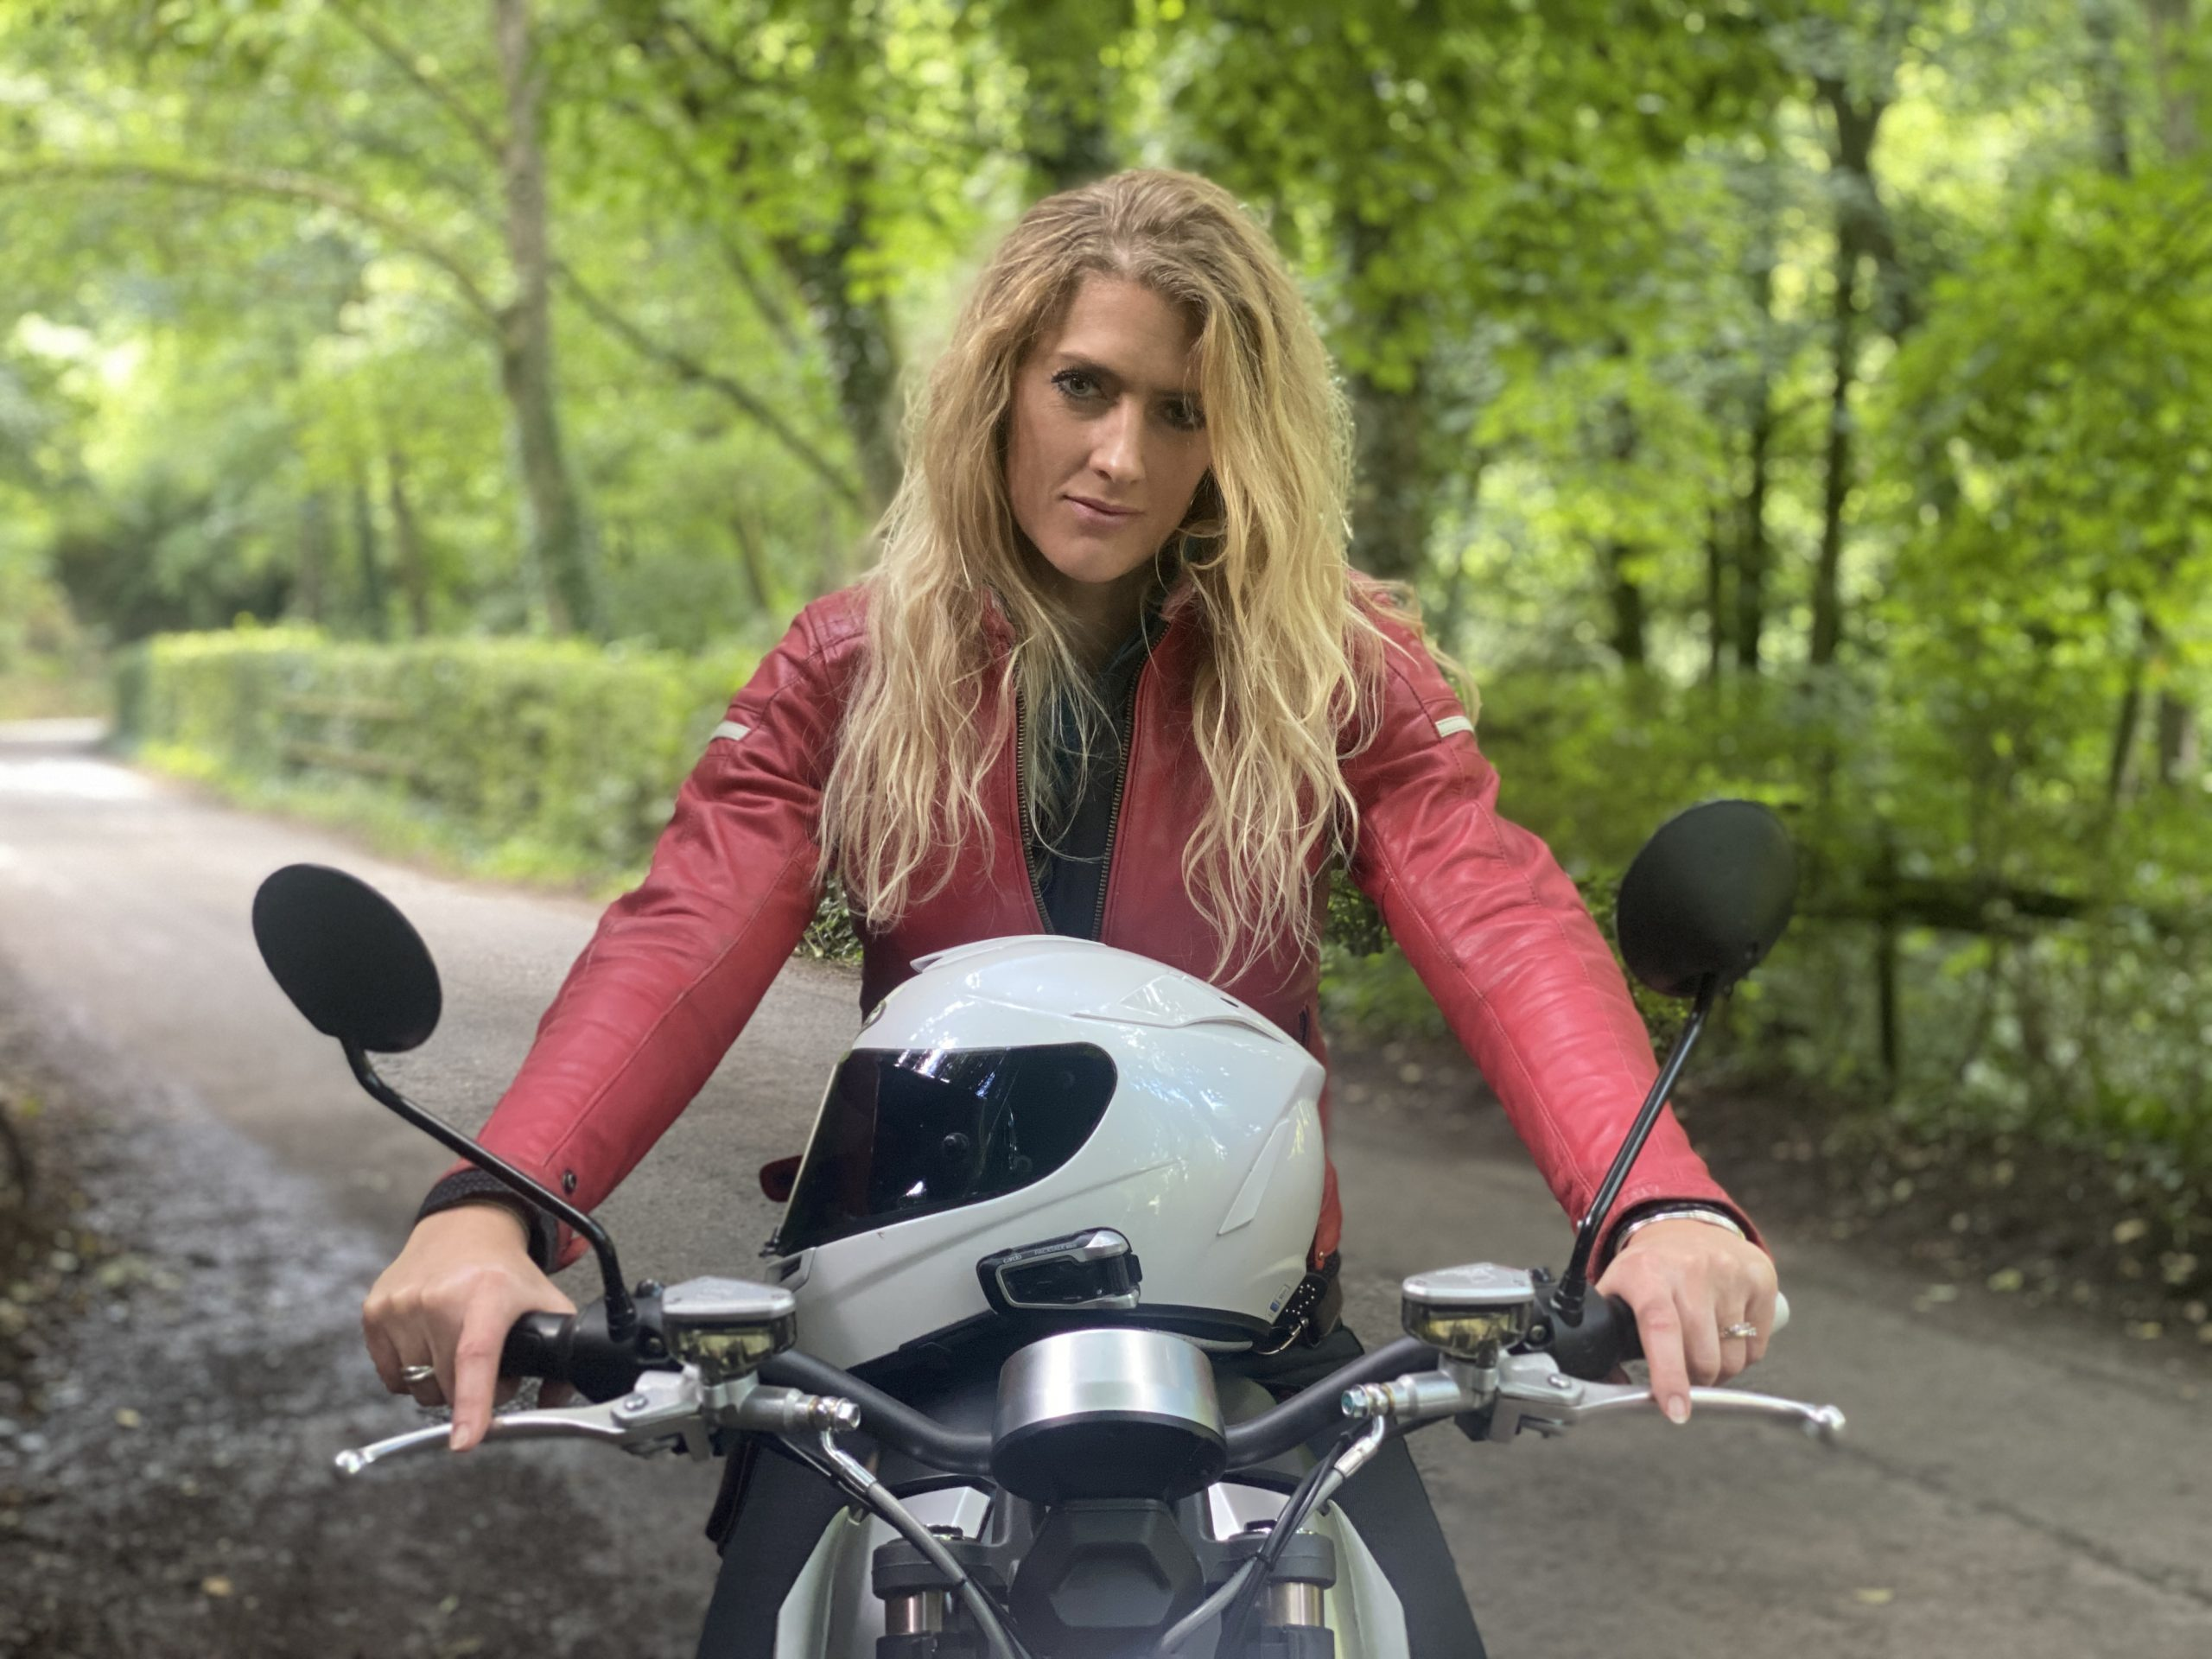 the girl on a bike vanessa ruck super soco tc max 9 scaled